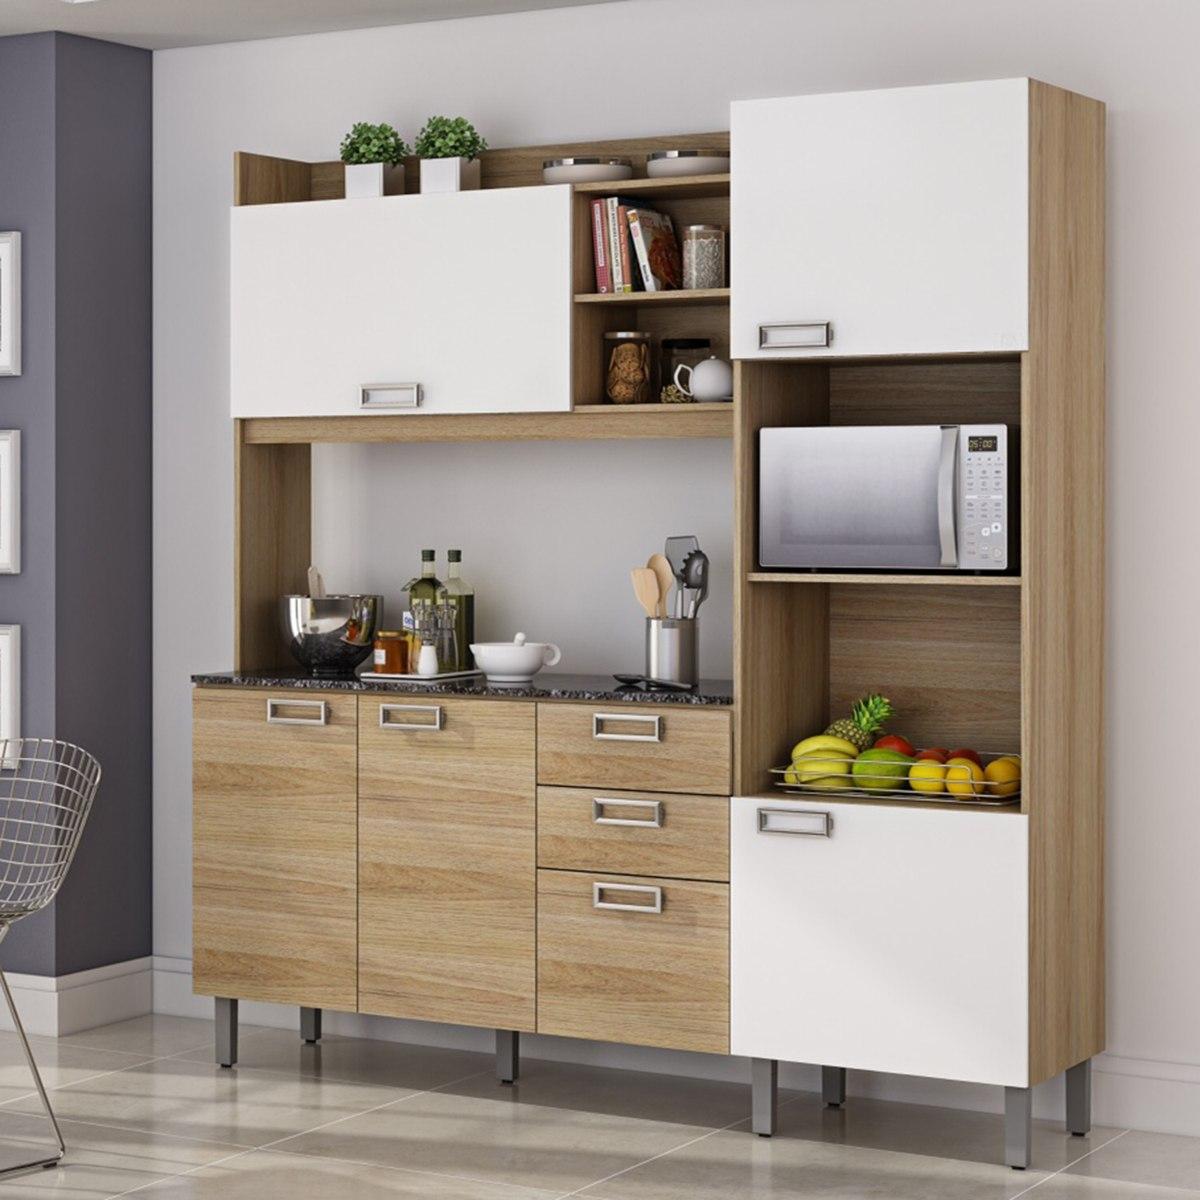 Cozinha Compacta Damasco Itatiaia Carvalho Hanover Branco R 773